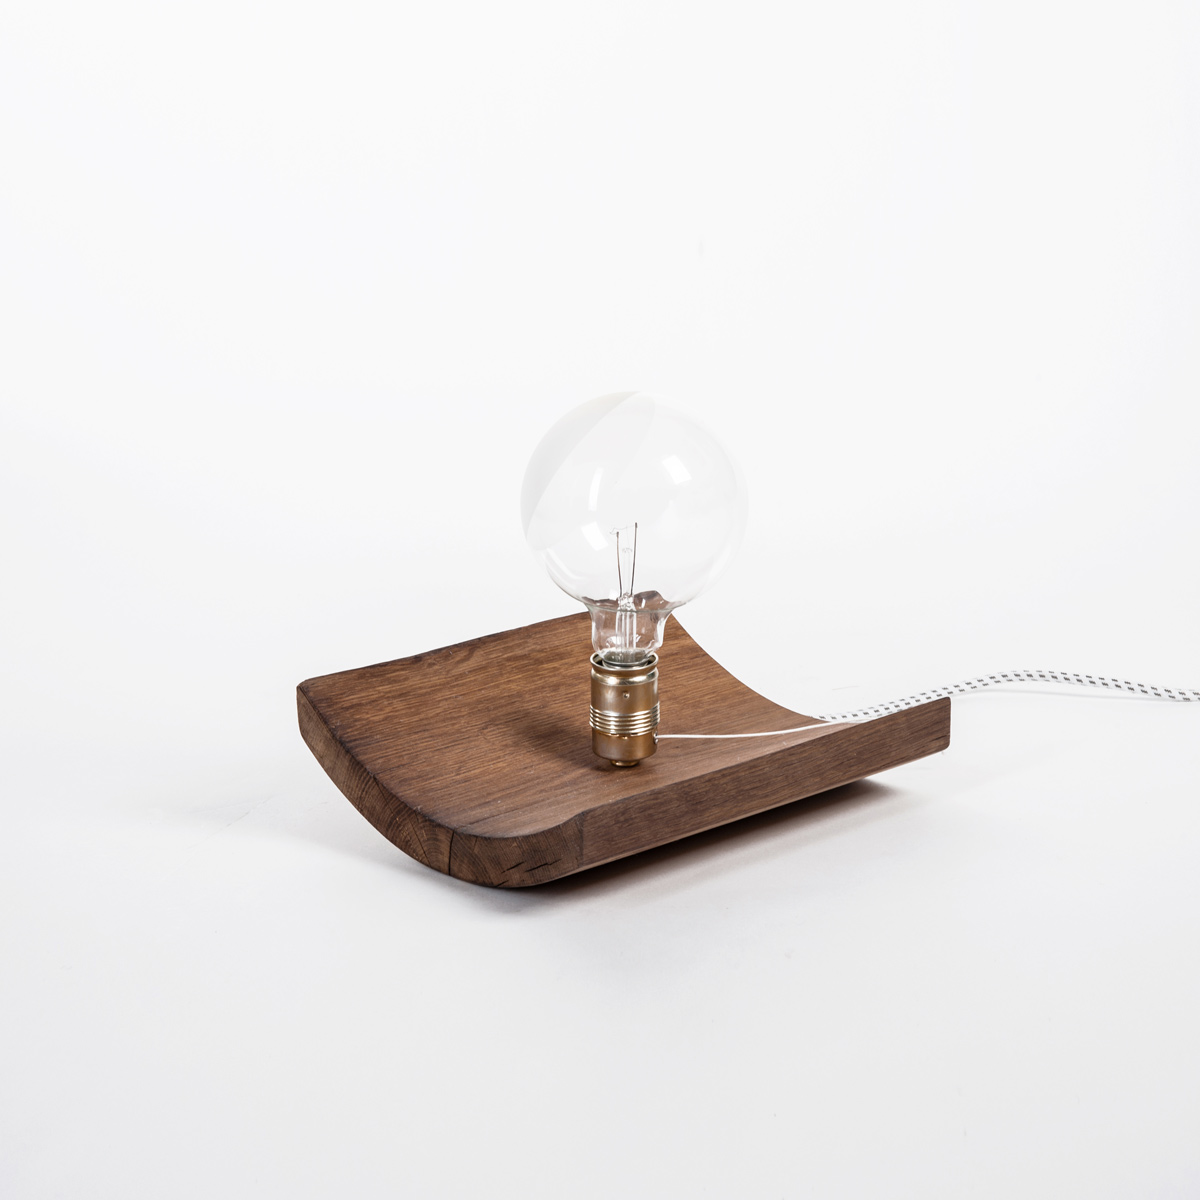 Lampe ELLEN, JK. Designermöbel